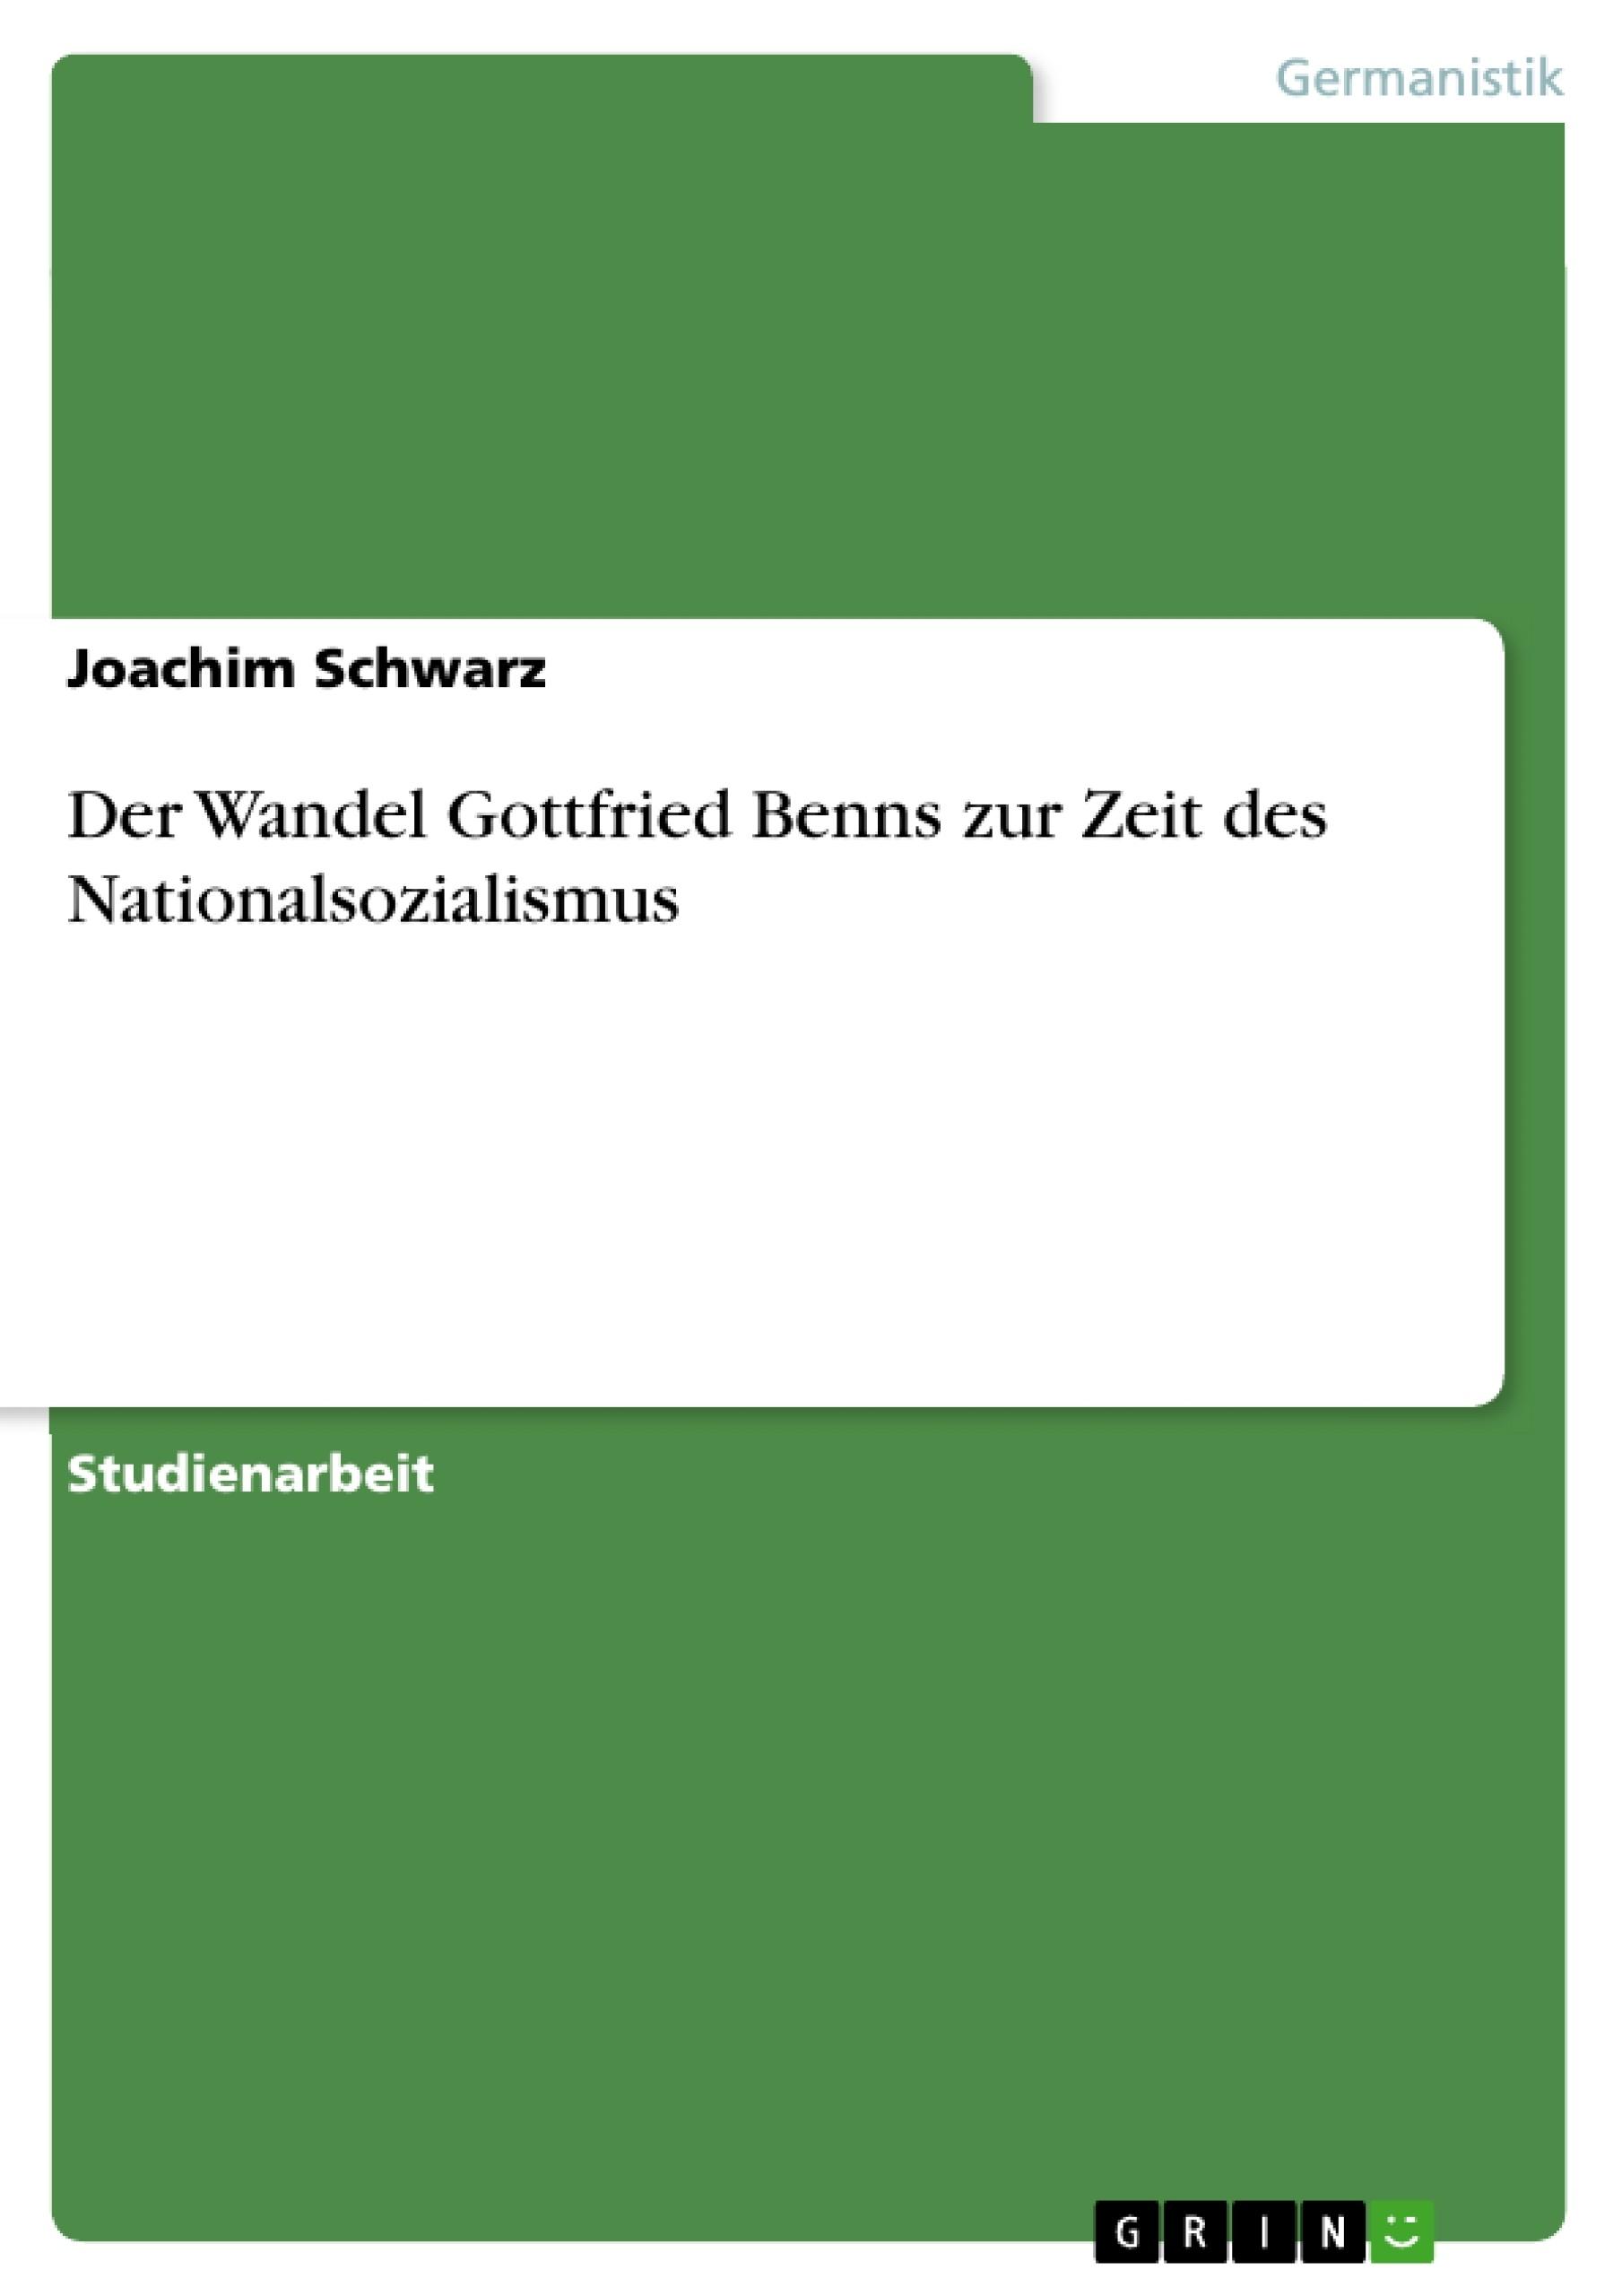 Titel: Der Wandel Gottfried Benns zur Zeit des Nationalsozialismus